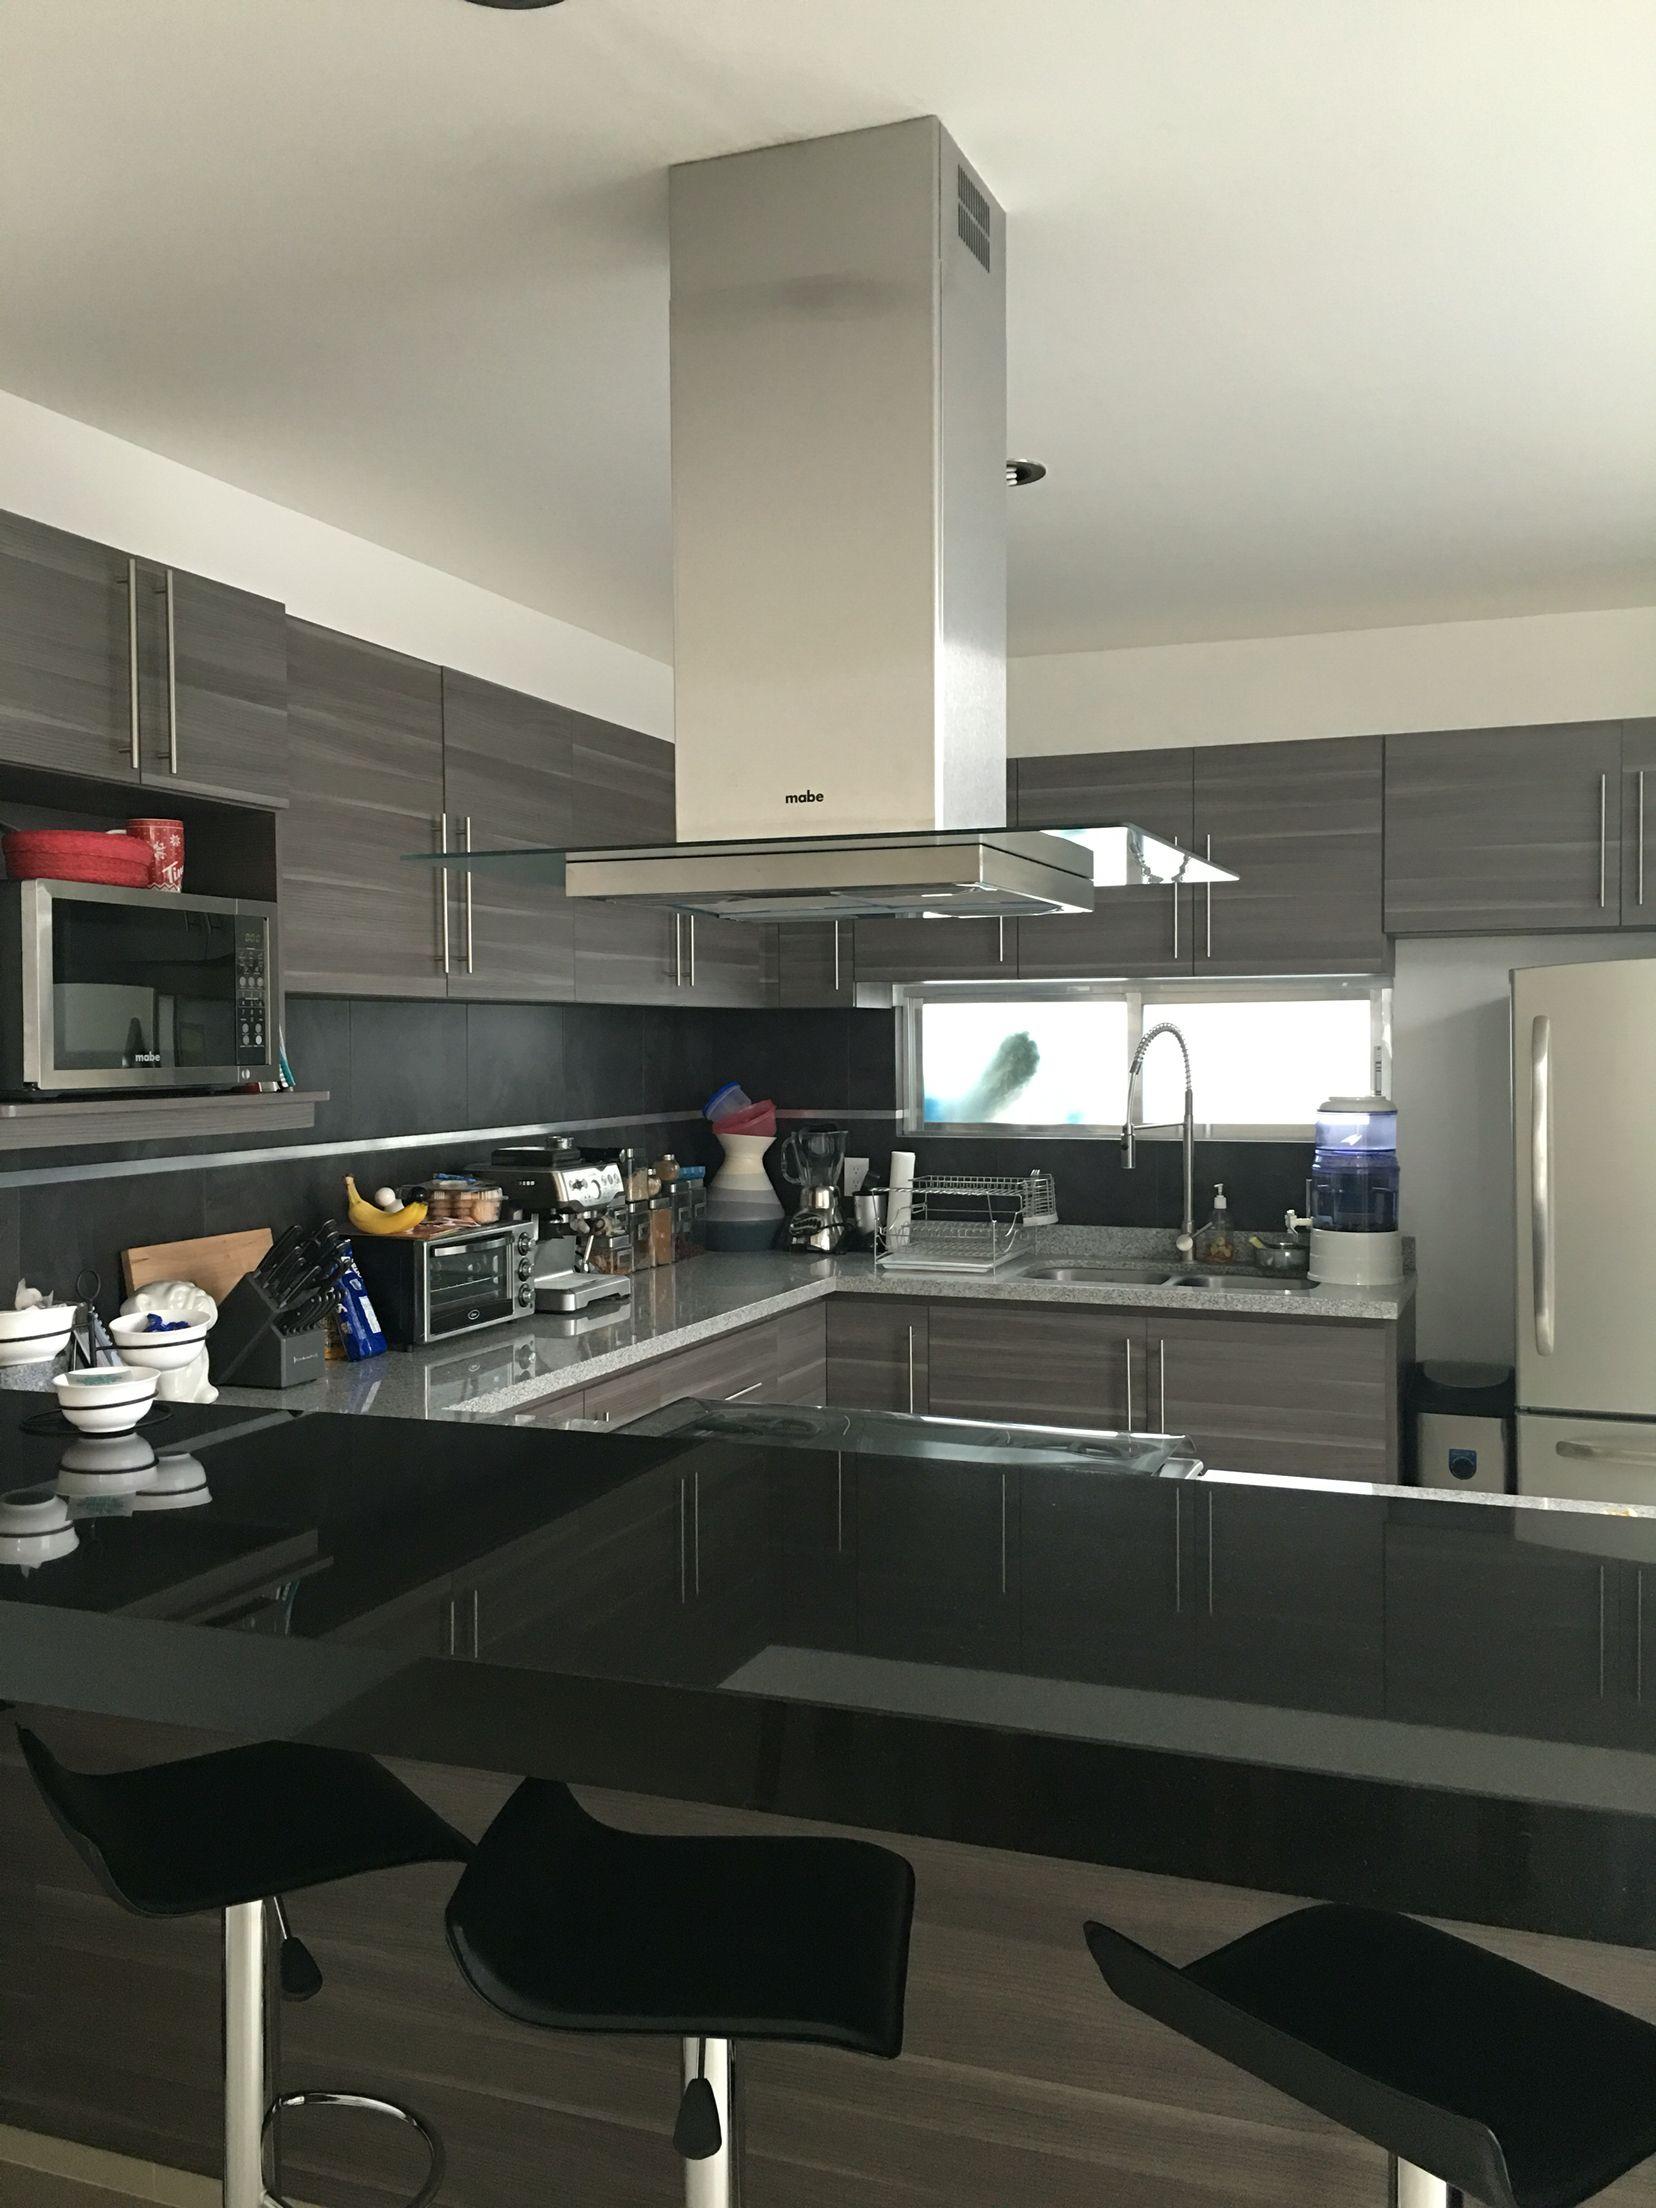 Cocina integral con barra de granito bicolor milenio iii for Barras de granito para cocina